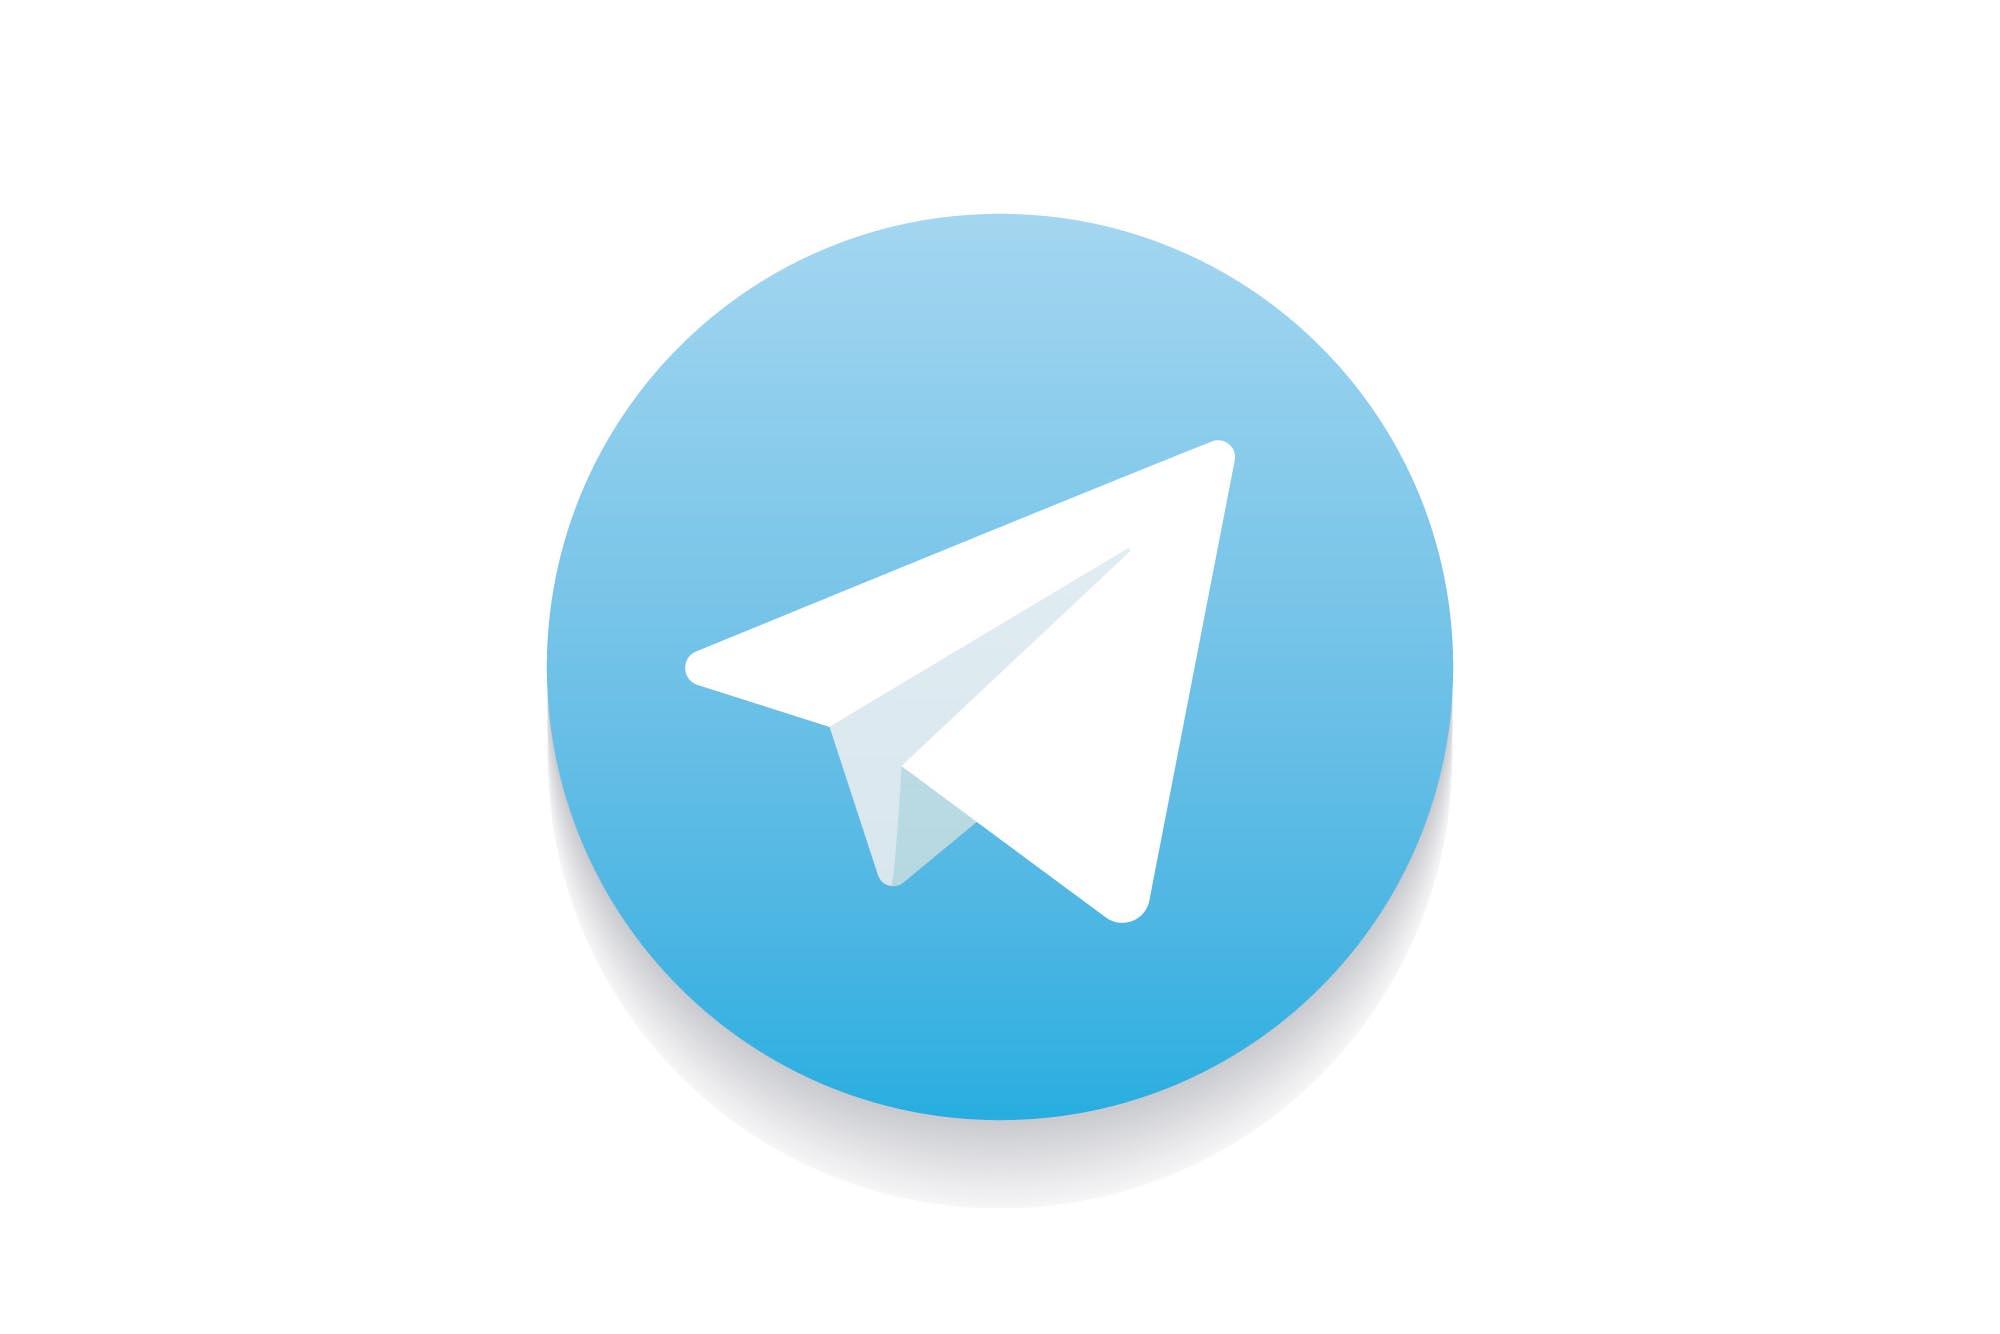 Telegram libera timer para apagar mensagens de grupos e conversas